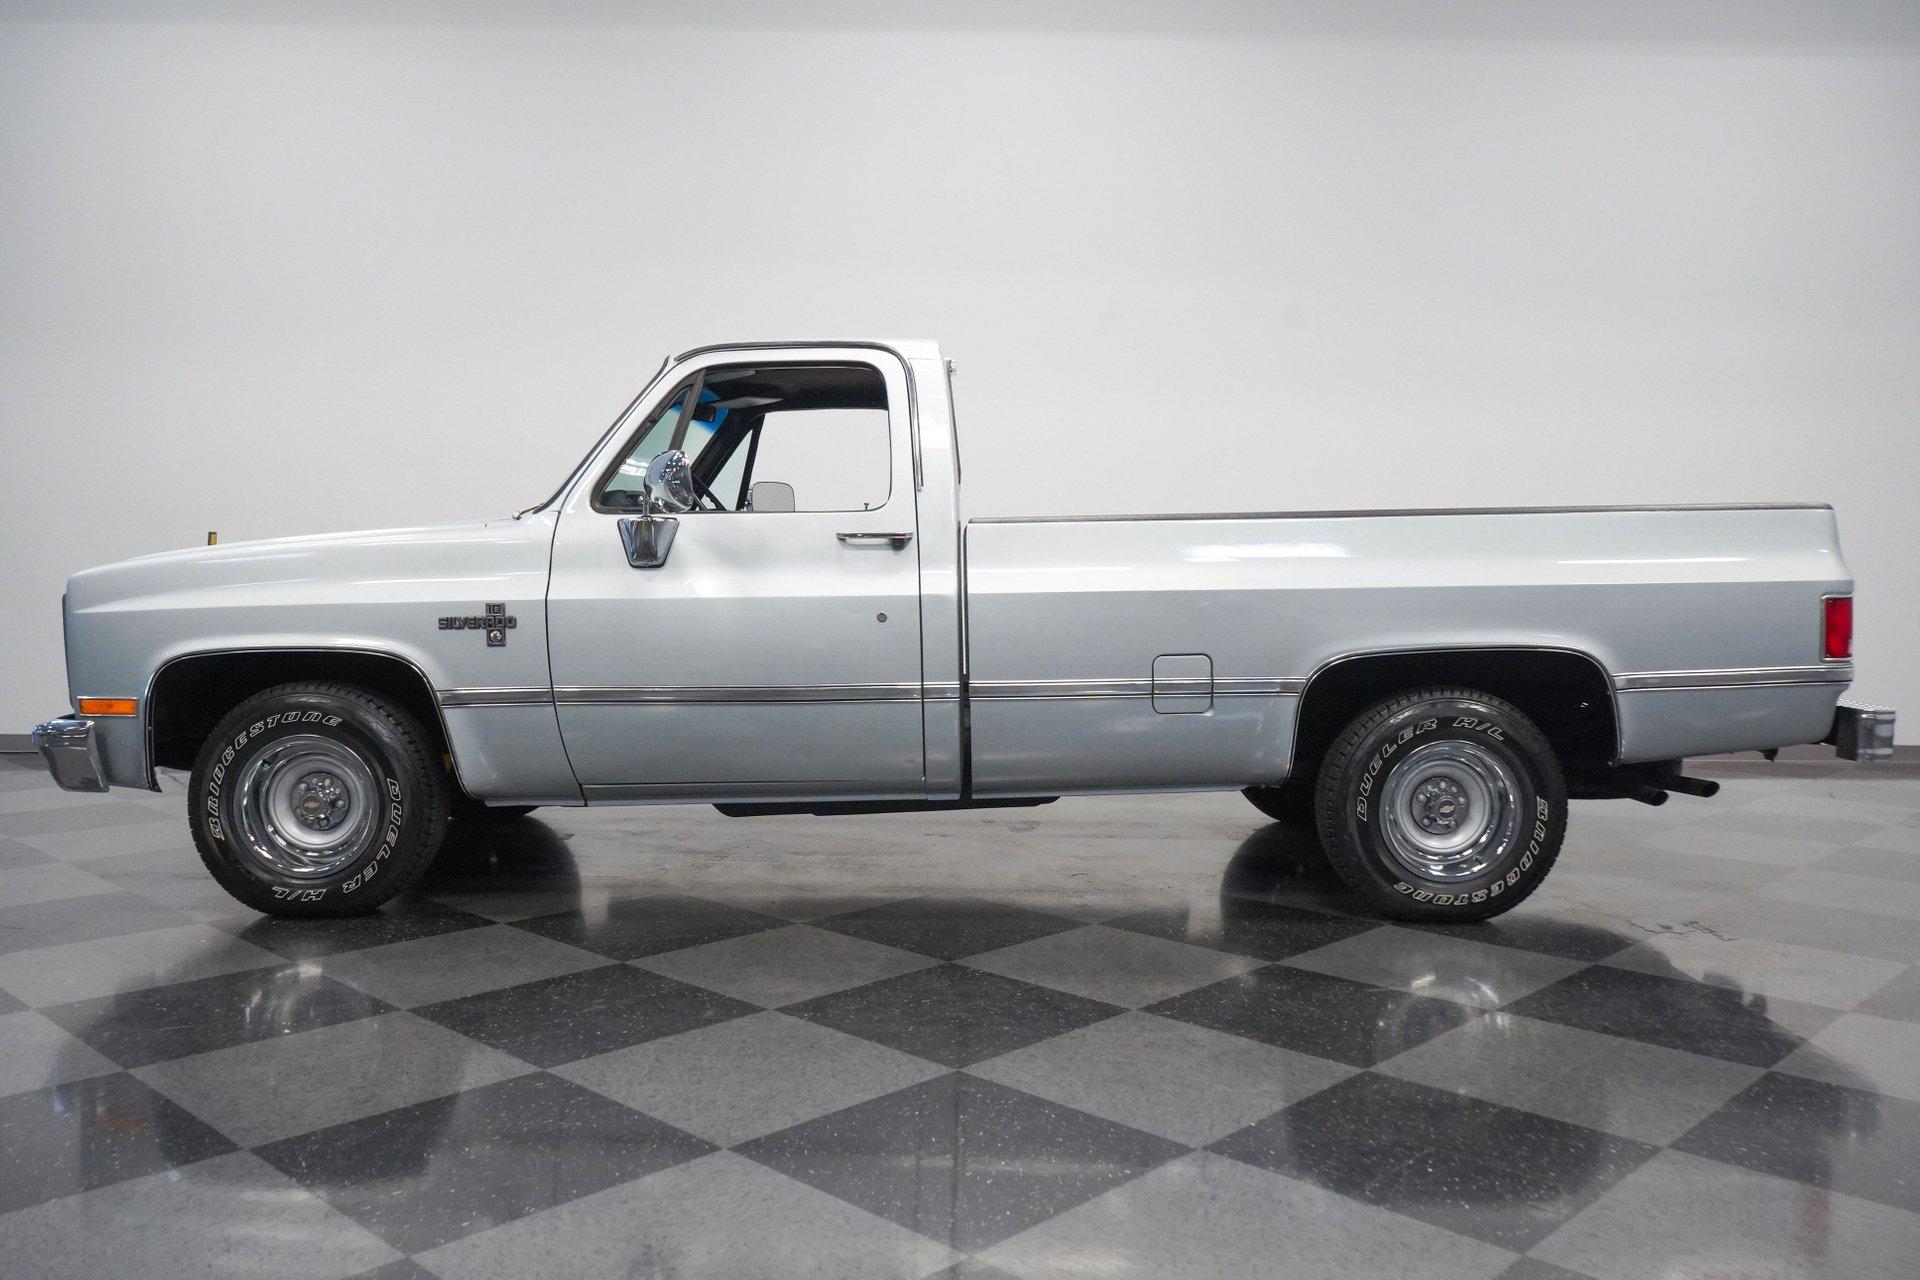 1985 chevrolet c10 silverado